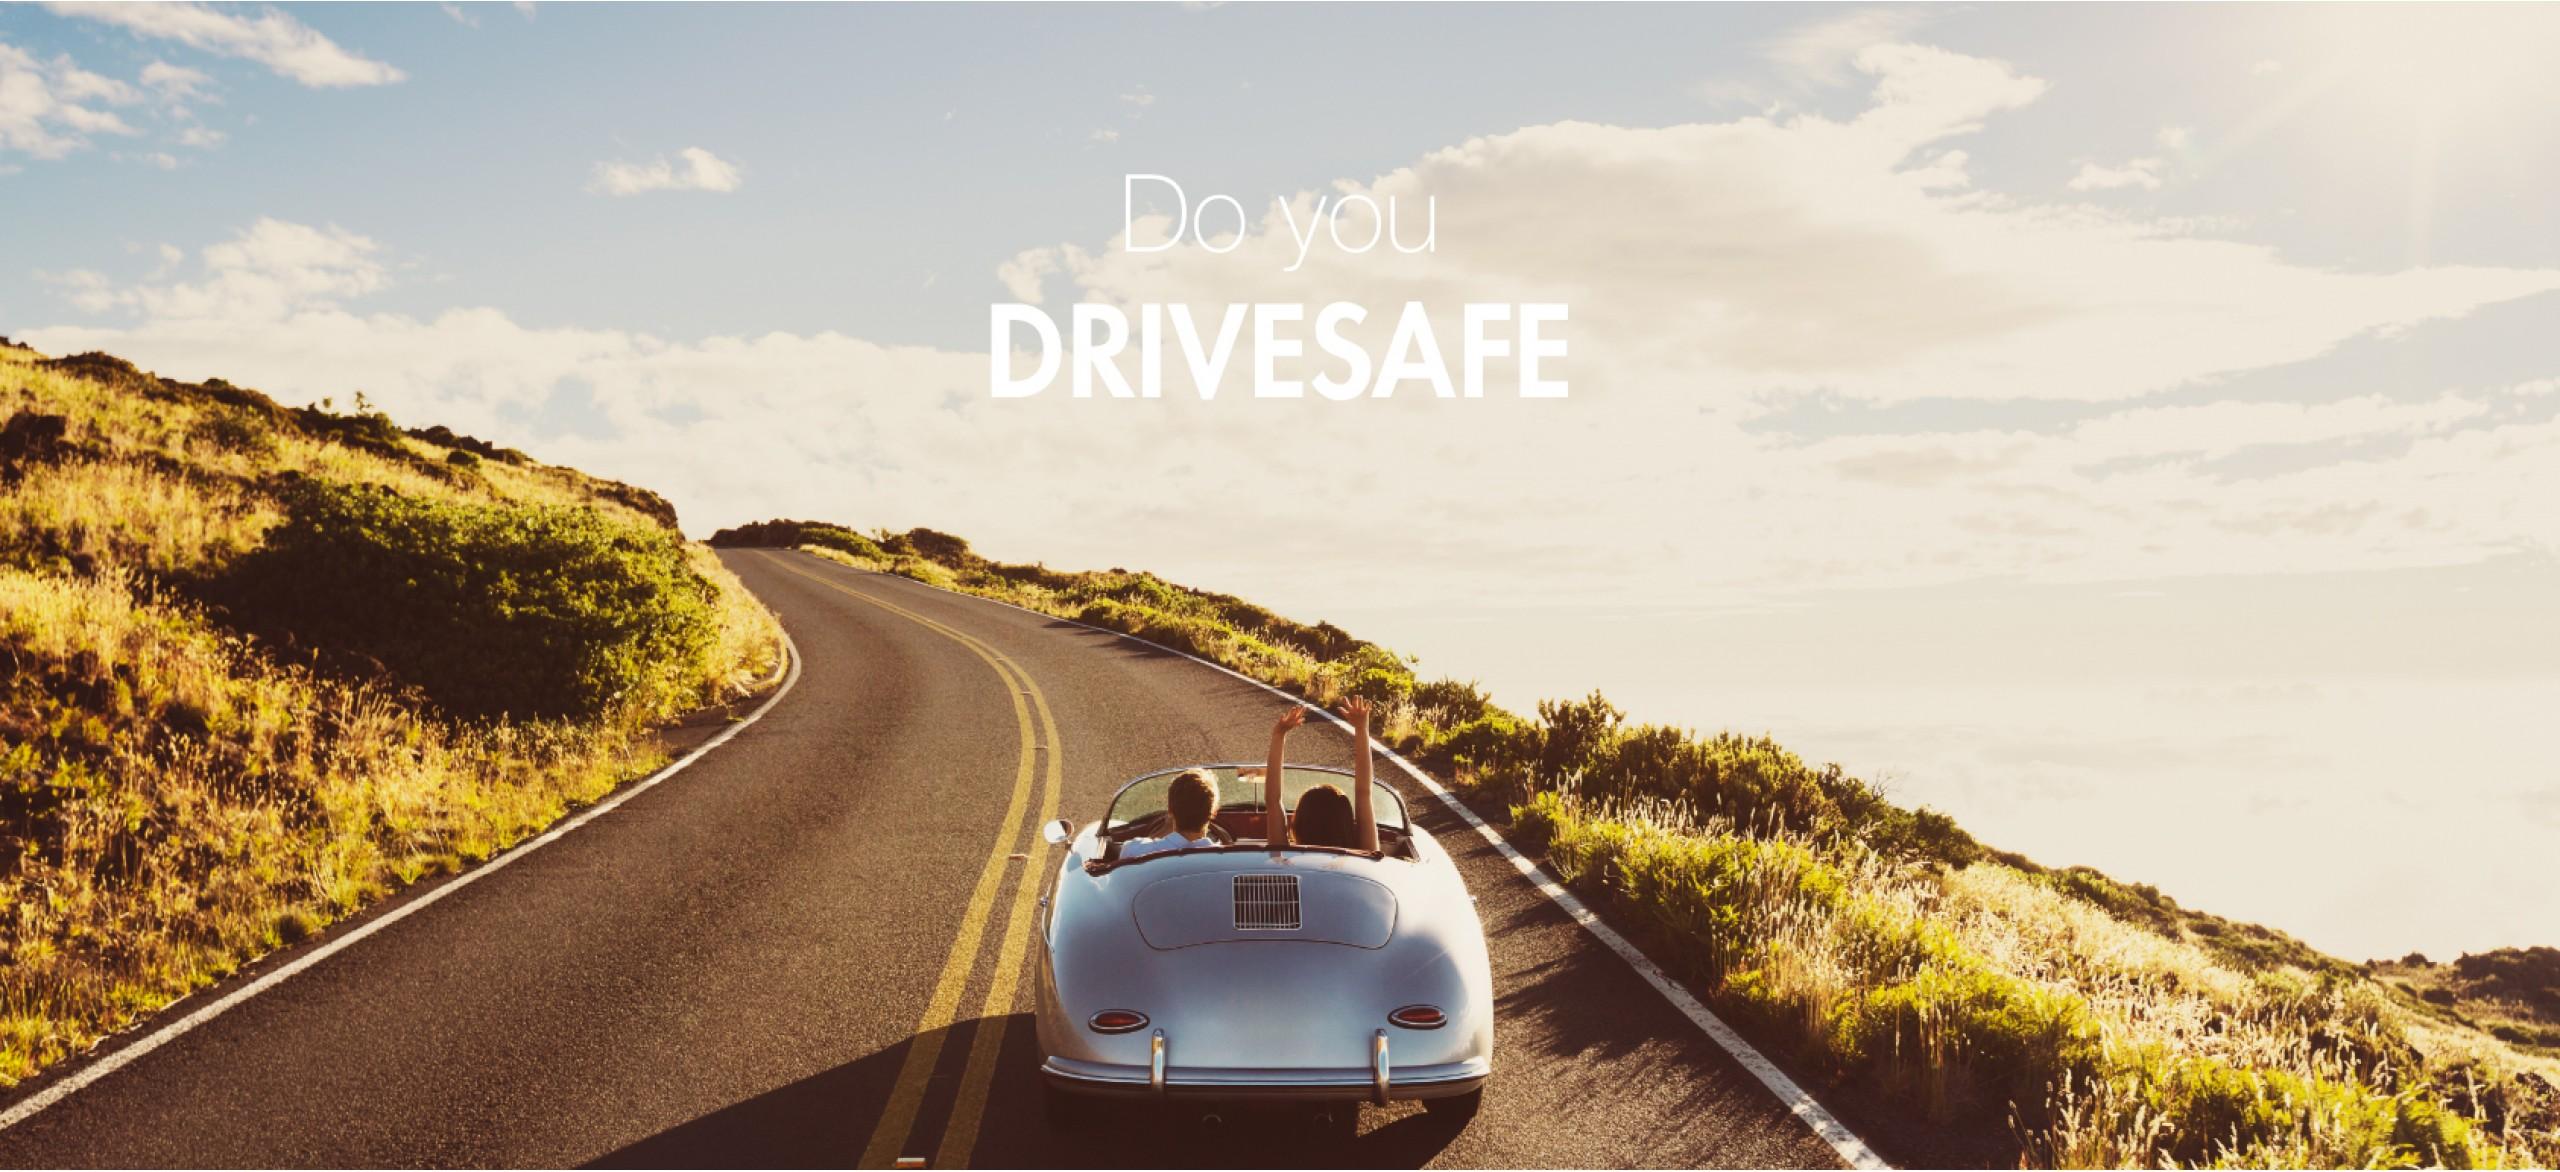 My DRIVESAFE